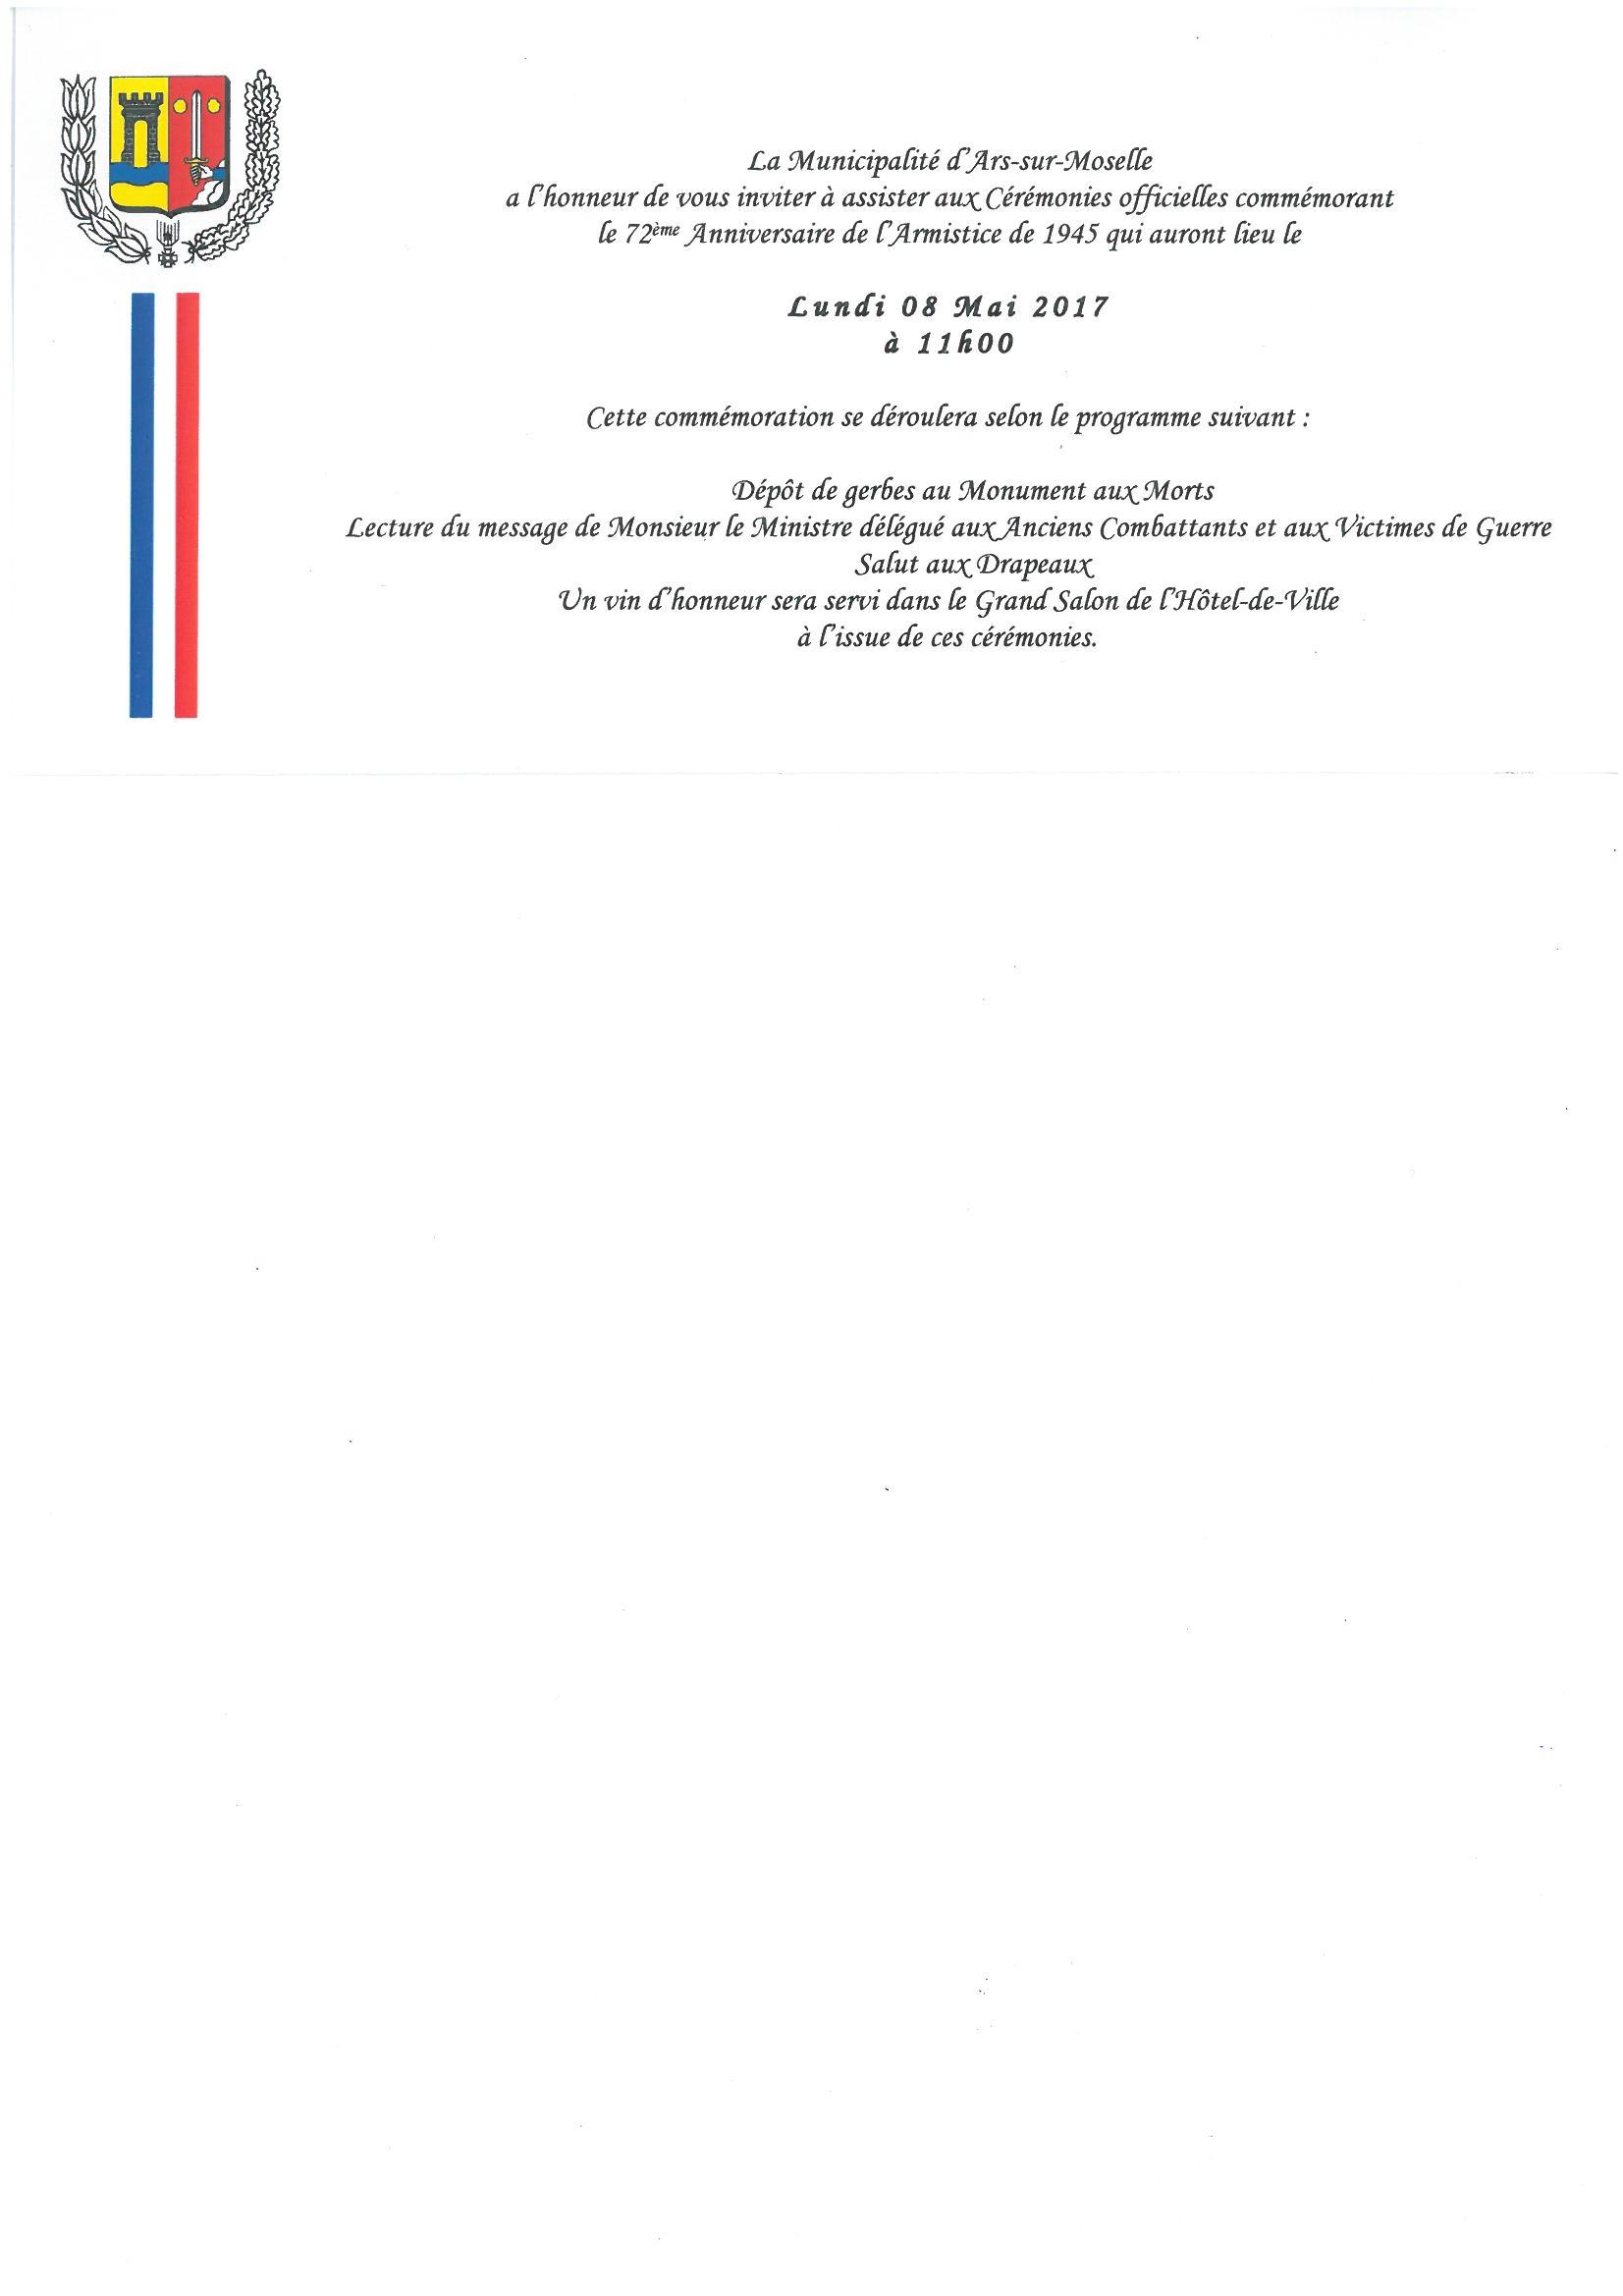 72ème anniversaire de l'armistice de 1945